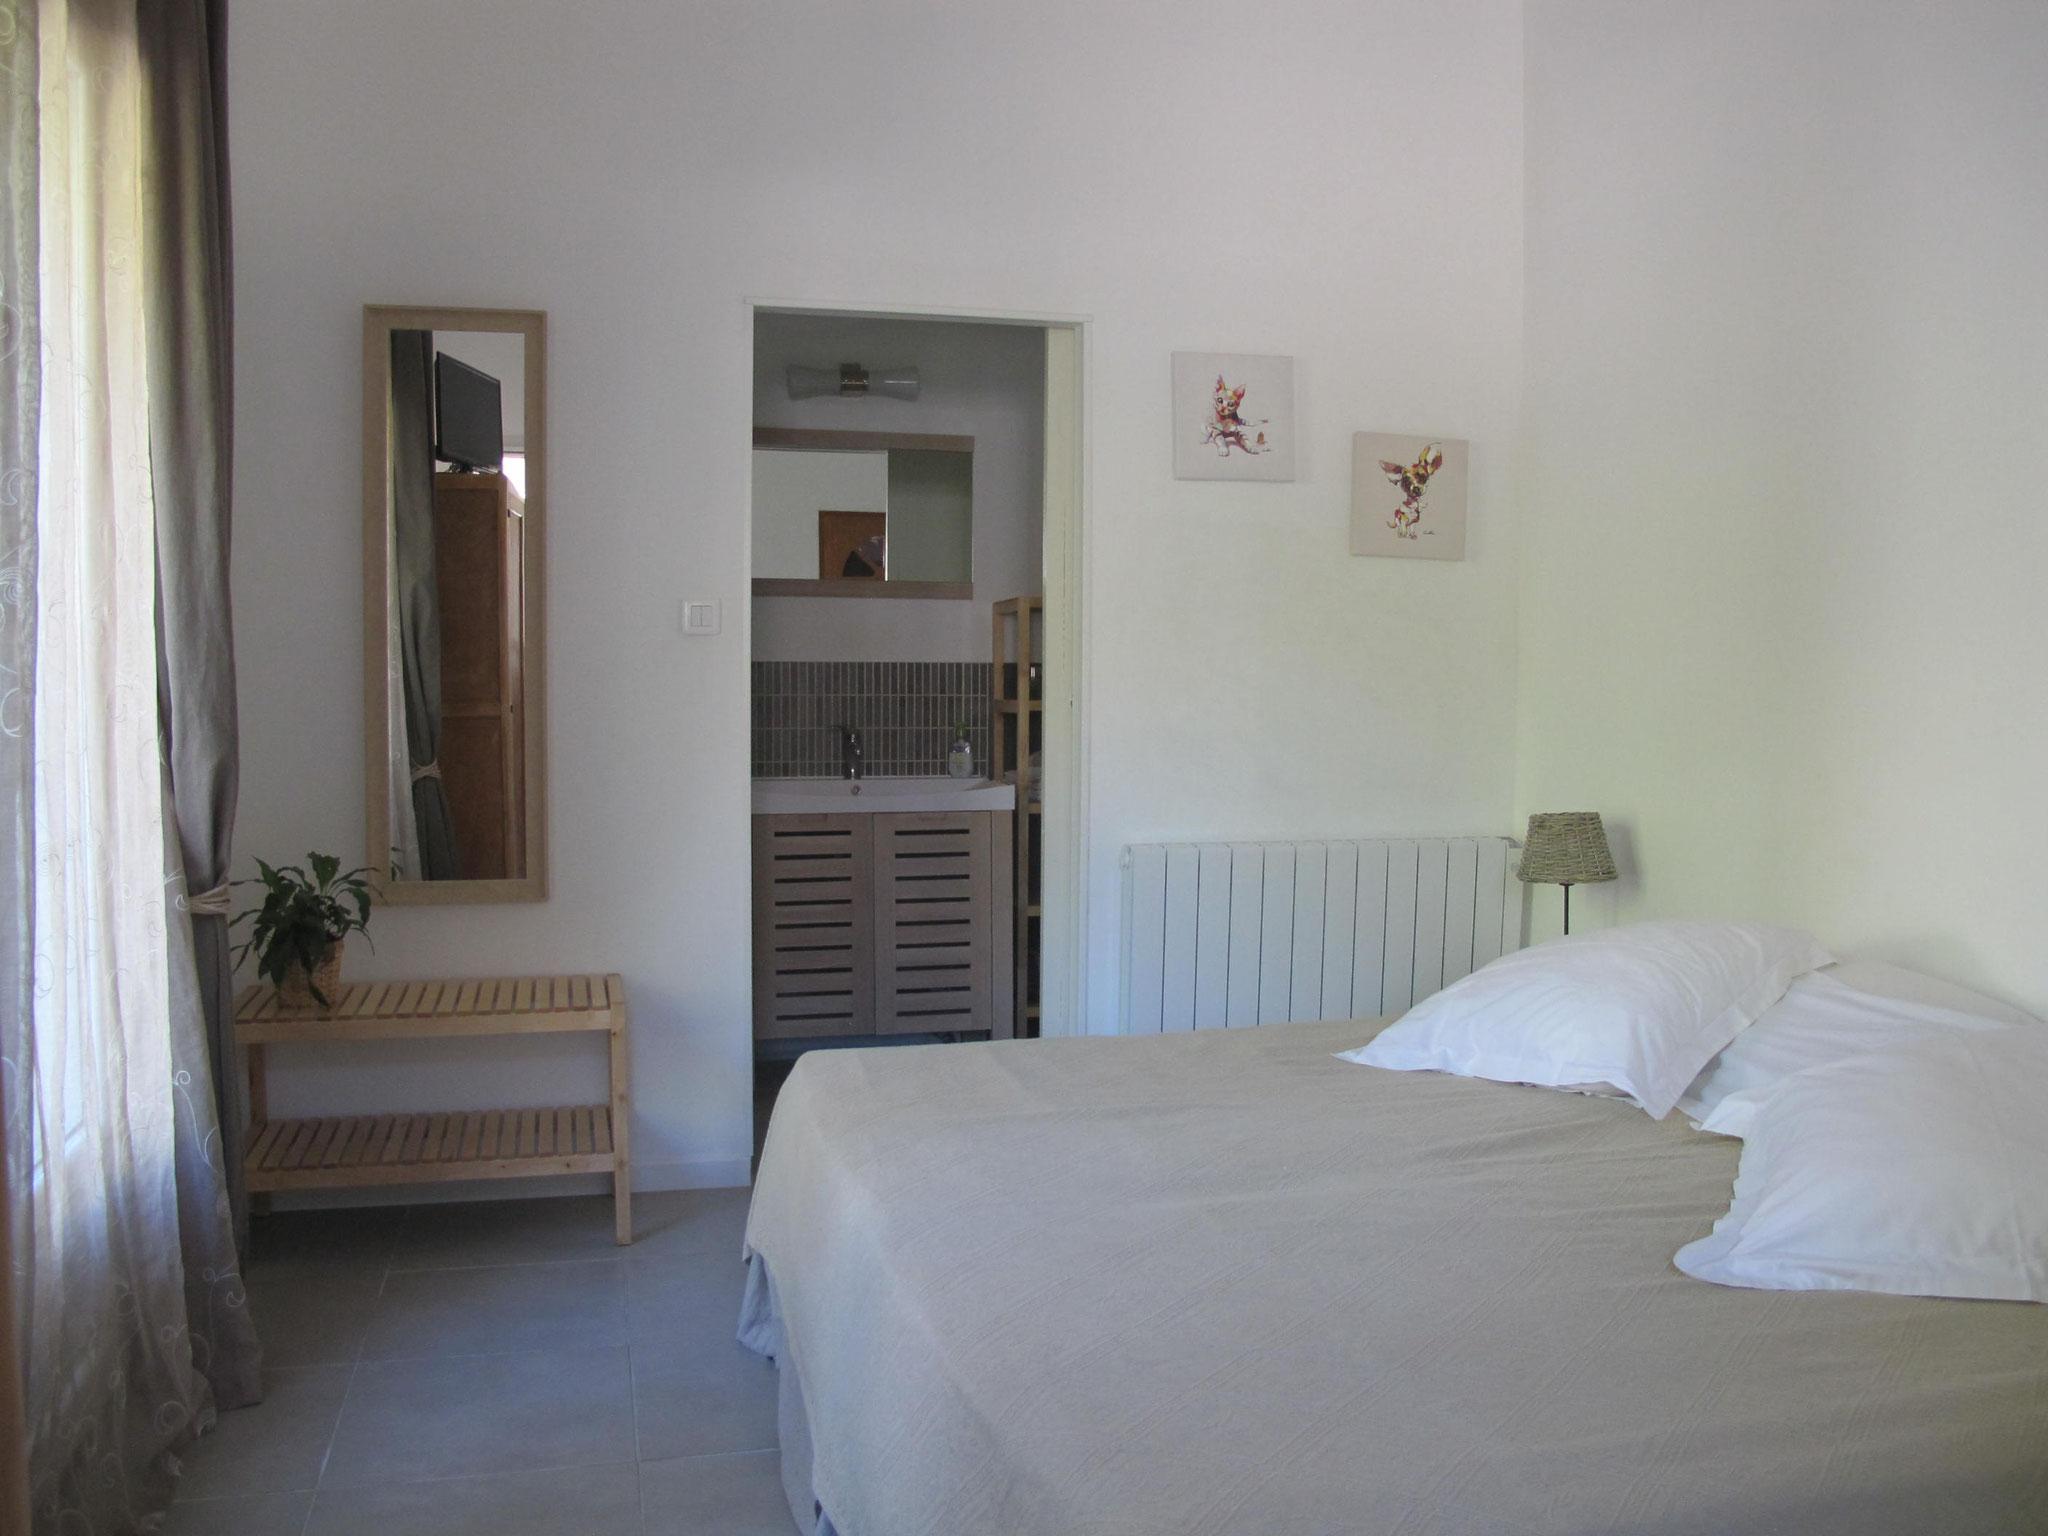 loucardaline-bedoin-ventoux-hébergement-chambre d hotes-vaucluse-double ou twin classic-calme